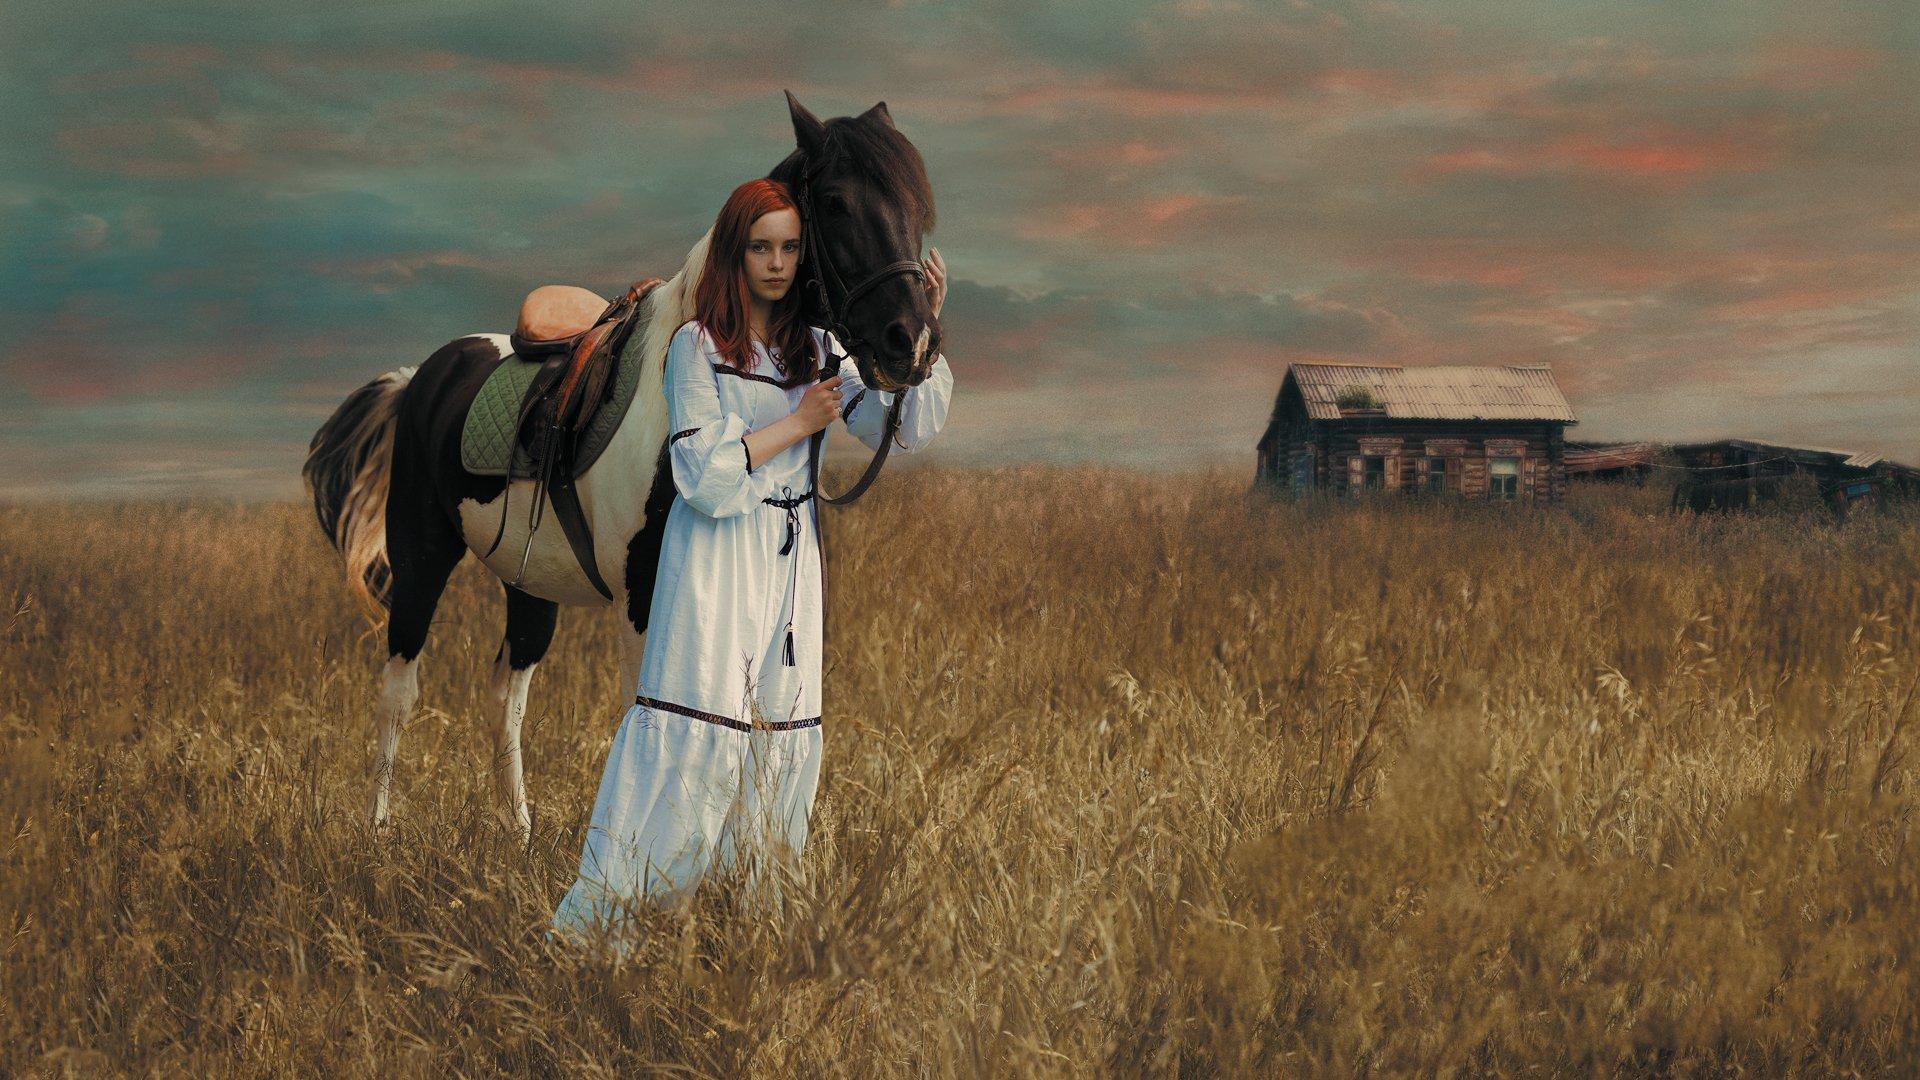 обработка, портрет, модель, арт, art, model, popular, народ, животные, коллаж, рисование, Иван Лосев